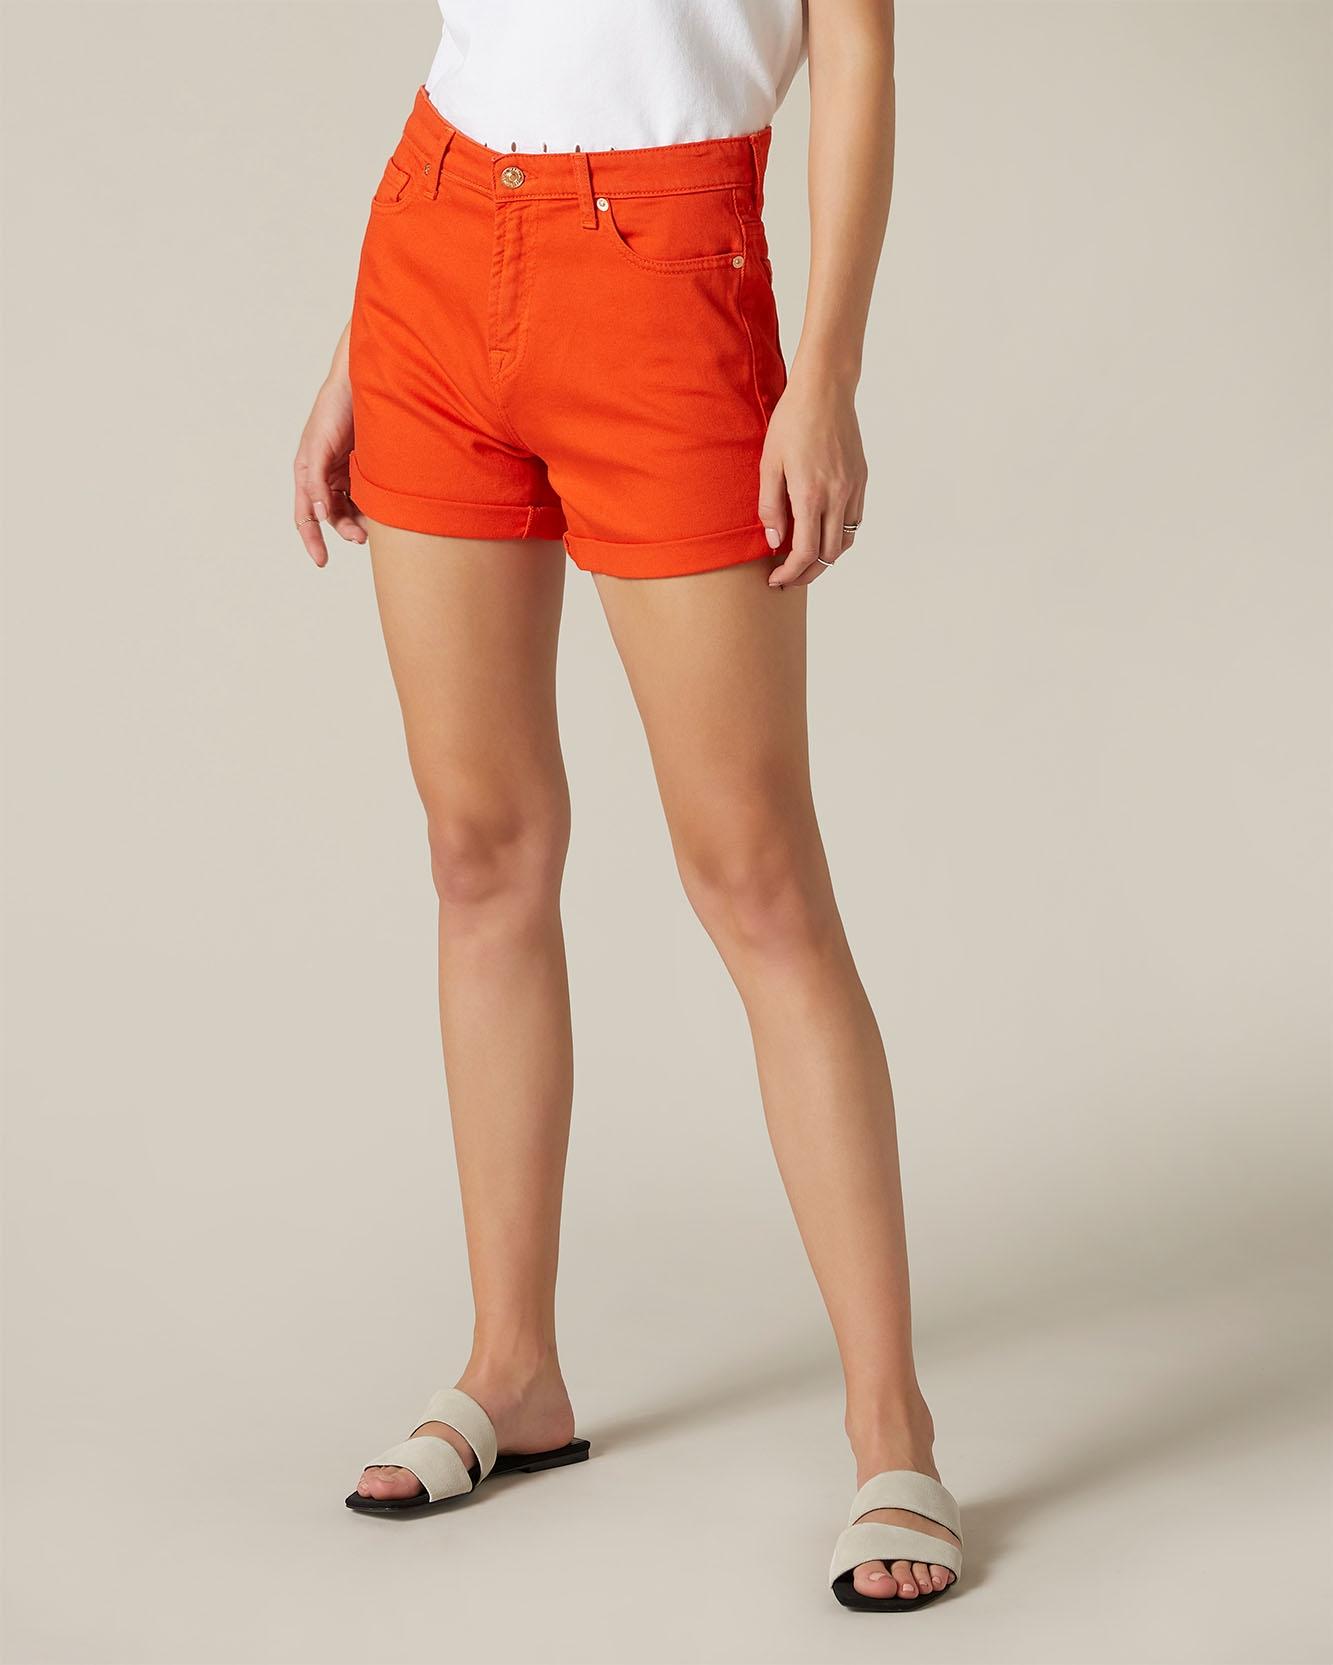 Trufit Pantaloncini da Donna in Maglia di Cotone